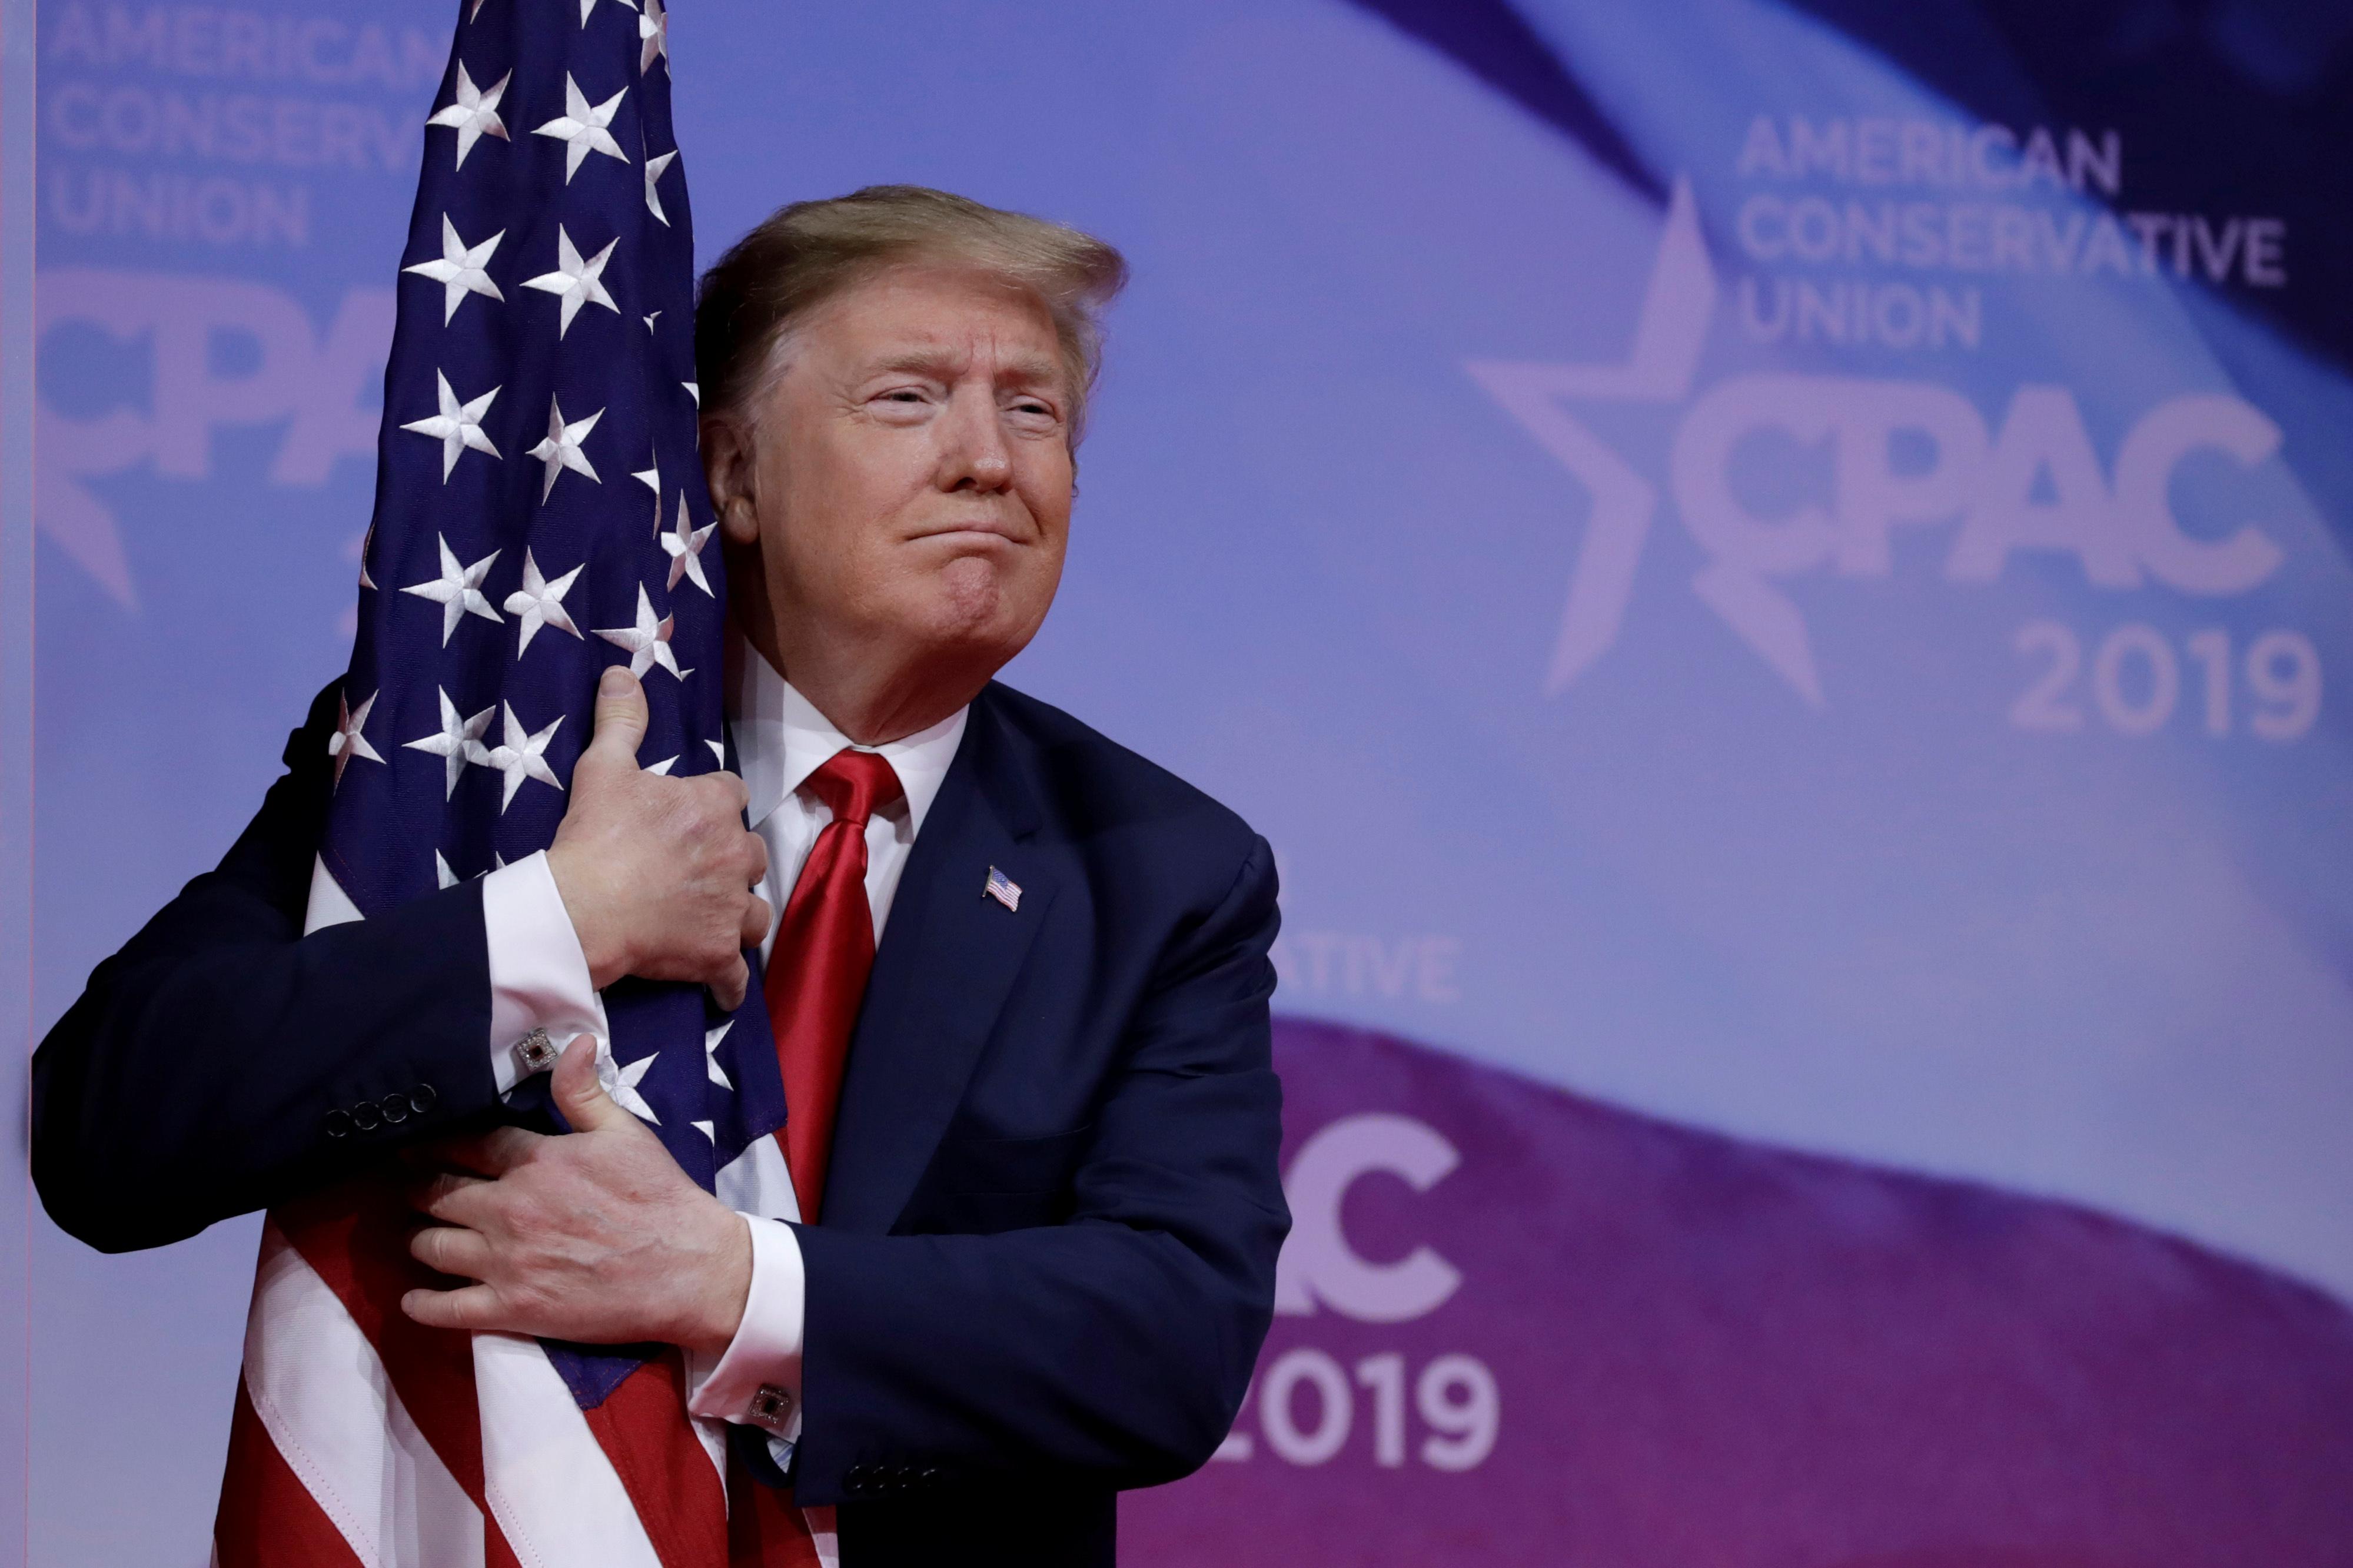 SE Cupp: How I felt watching Trump hug our flag (opinion) | CNN